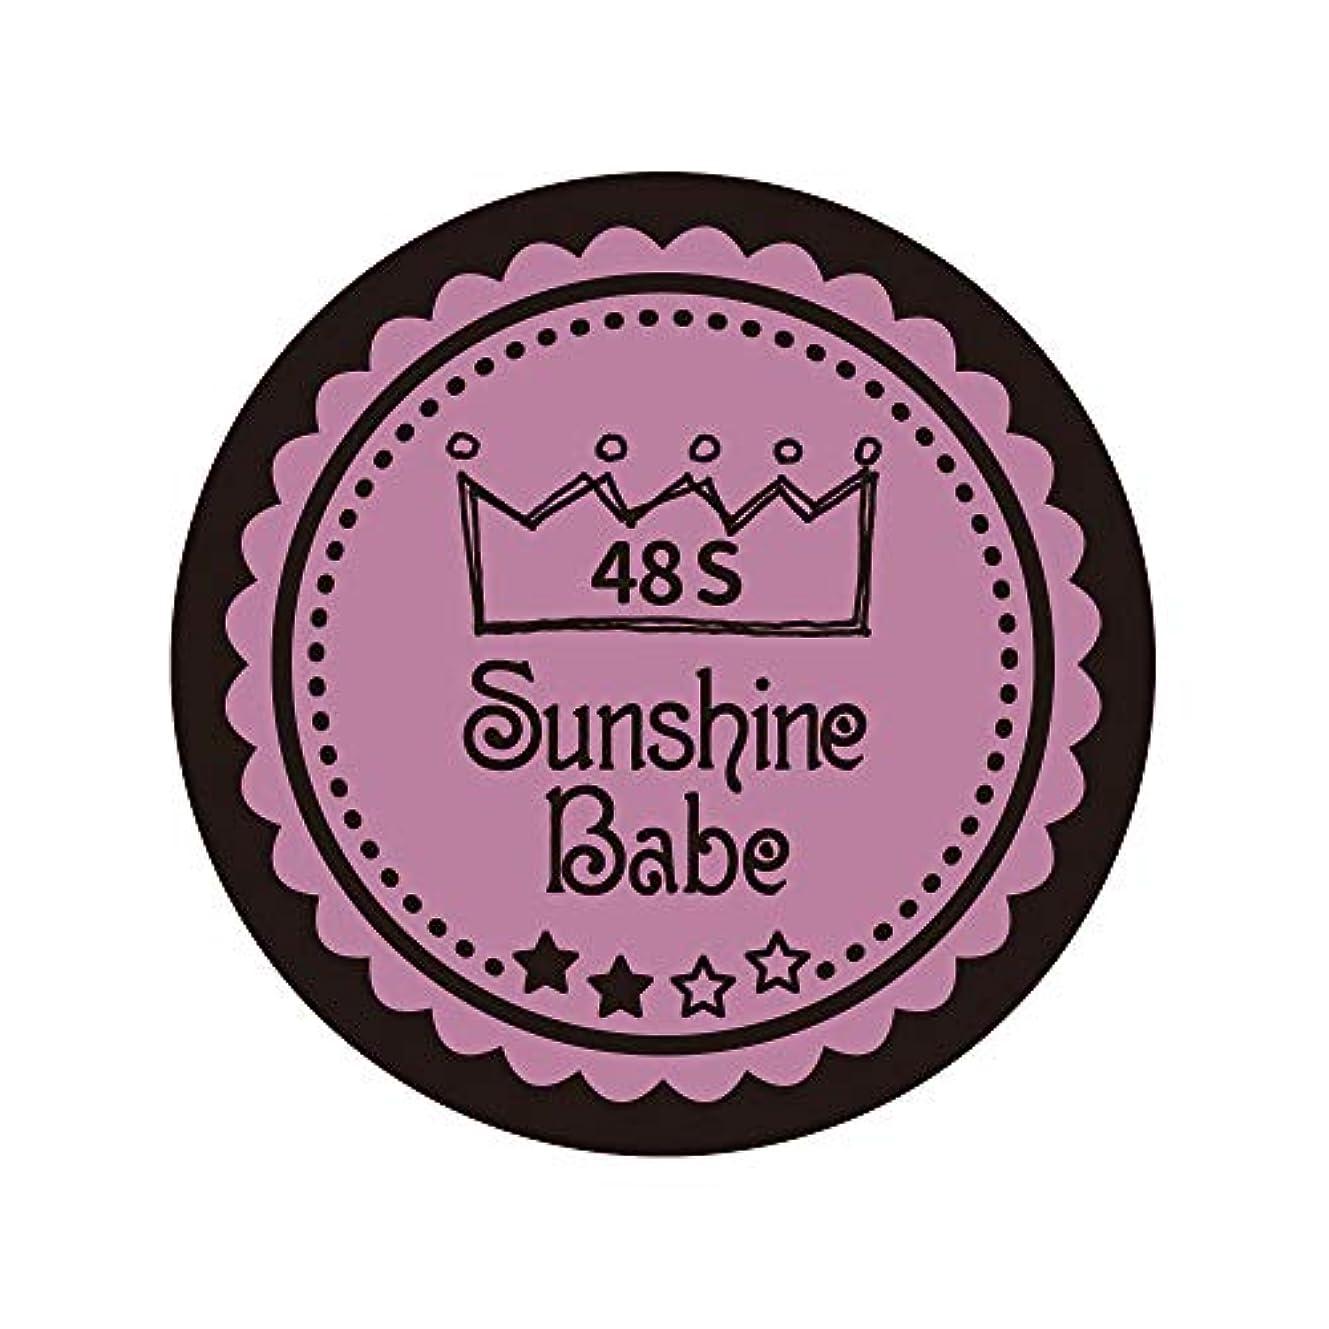 ジェット税金釈義Sunshine Babe カラージェル 48S ペールモーブ 2.7g UV/LED対応